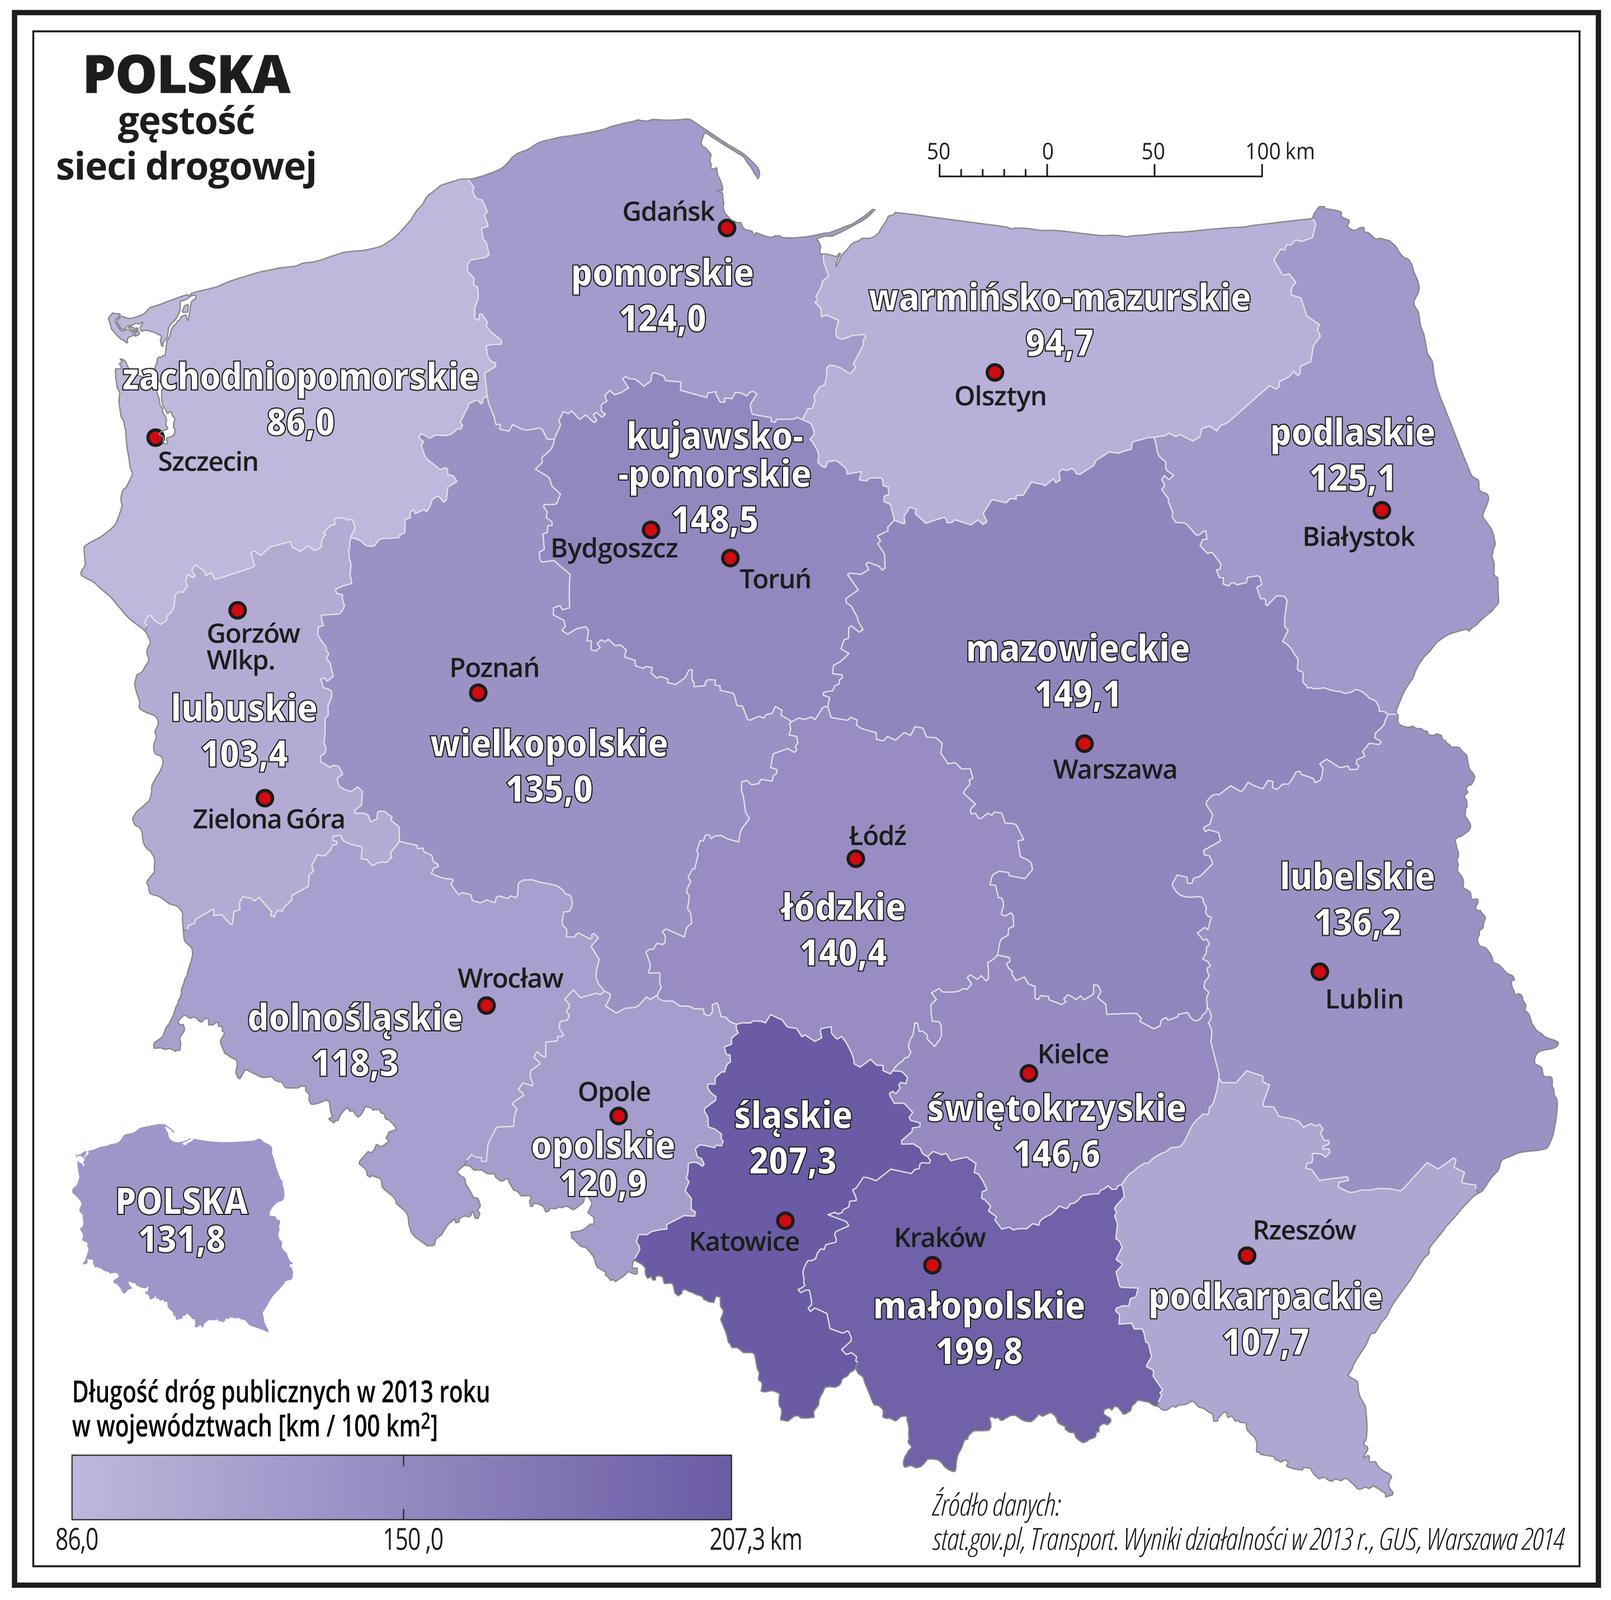 Ilustracja przedstawia mapę Polski zpodziałem na województwa iobrazuje gęstość sieci drogowej. Granice województw zaznaczone są białą linią. Powierzchnie województw mają kolor fioletowy, użyto kilku odcieni – od jasnofioletowego do ciemnofioletowego. Nasyceniem kolorów przedstawiono długość dróg publicznych wdwa tysiące trzynastym roku wwojewództwach wkilometrach na sto kilometrów kwadratowych. Dodatkowo wkażdym województwie zapisano liczbę obrazującą długość tych dróg. Najniższa wartość przedstawiona na mapie to osiemdziesiąt sześć kilometrów dróg na sto kilometrów kwadratowych – wwojewództwie zachodniopomorskim. Największa wartość (najciemniejszy odcień) to dwieście siedem itrzy dziesiąte kilometra dróg na sto kilometrów kwadratowych – wwojewództwie śląskim isto dziewięćdziesiąt dziewięć iosiem dziesiątych kilometra wwojewództwie małopolskim. Pozostałe województwa mają od ponad dziewięćdziesięciu do blisko stu pięćdziesięciu kilometrów dróg na sto kilometrów kwadratowych powierzchni. Czerwonymi kropkami zaznaczono miasta wojewódzkie. Po lewej stronie mapy na dole wlegendzie umieszczono cieniowany kolorem fioletowym pasek. Zlewej strony kolor jest najjaśniejszy iopisany osiemdziesiąt sześć, azprawej najciemniejszy iopisany dwieście siedem itrzy dziesiąte kilometra. Zlewej strony mapy na dole umieszczono miniaturę mapy Polski ze średnią wartością gęstości dróg publicznych – sto trzydzieści jeden przecinek osiem dziesiątych kilometra dróg na sto kilometrów kwadratowych.